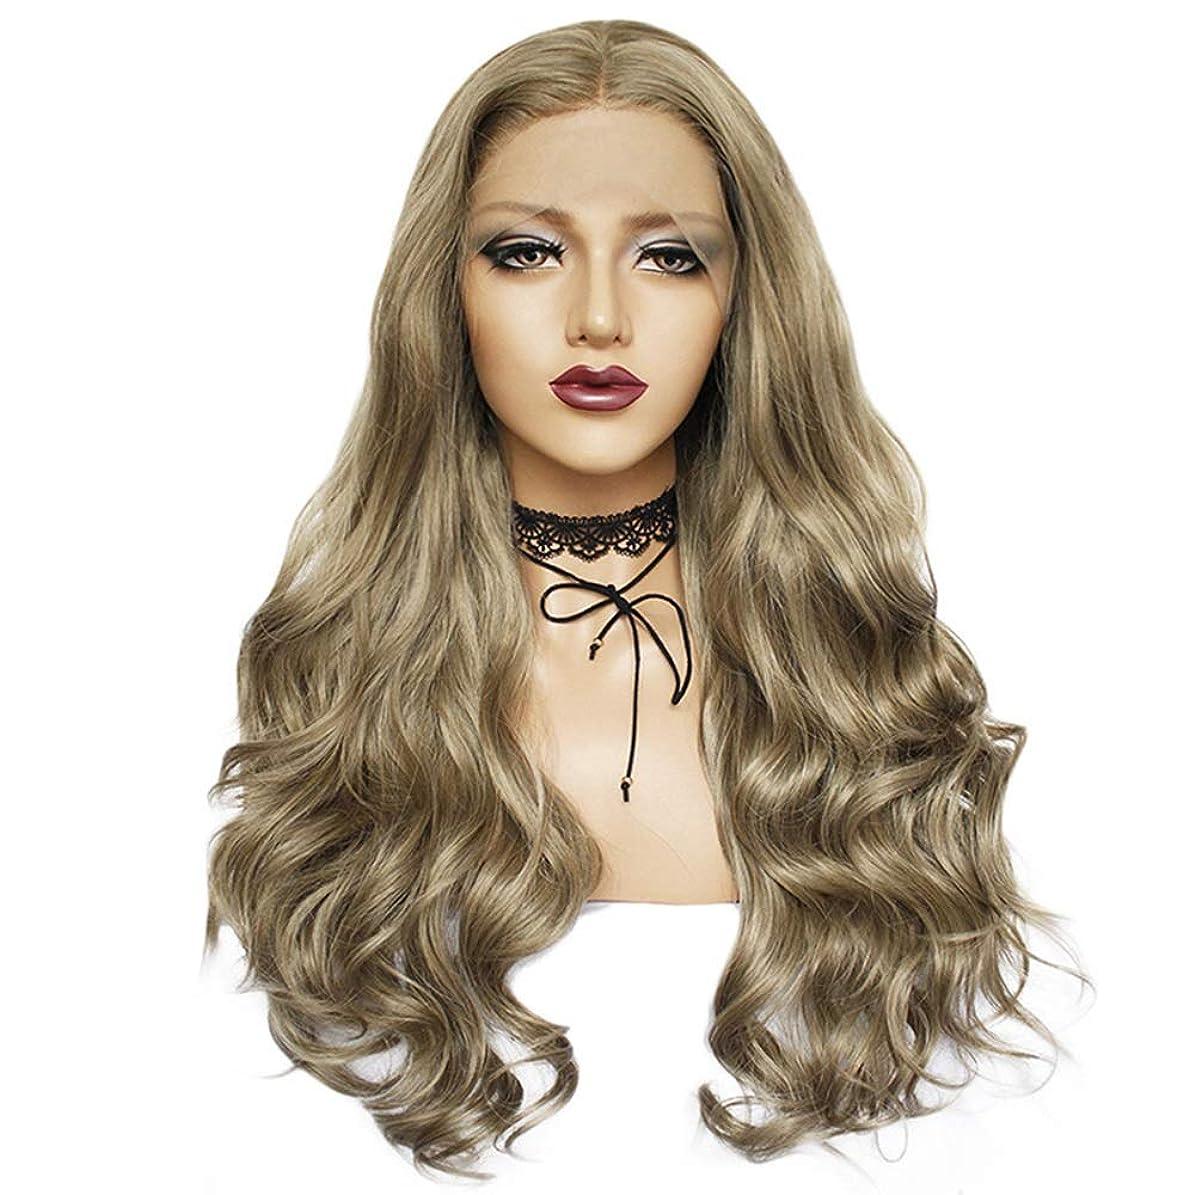 封筒発明する吸うZXF かつら女性の化学繊維かつらヘッドギア26インチリネン大波巻き毛高密度現実的で繊細 美しい